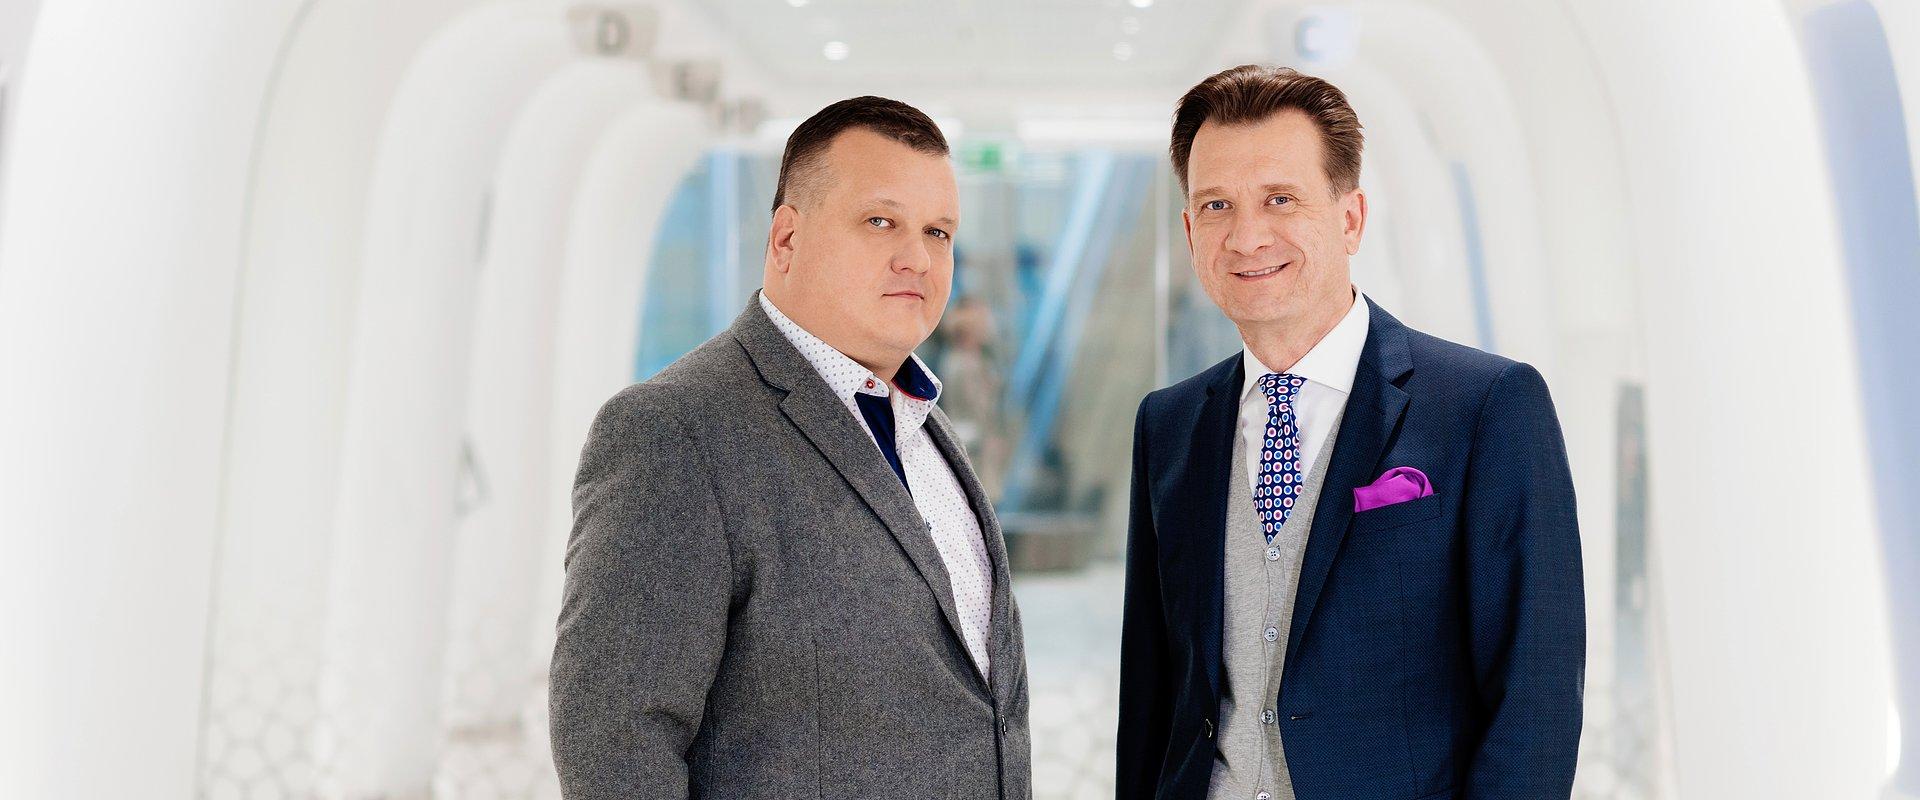 Tétris – największa w Europie firma fit-out wzmacnia swoją obecność w regionie CEE. Nadzór nad nowym hubem powierzyła polskim menedżerom.